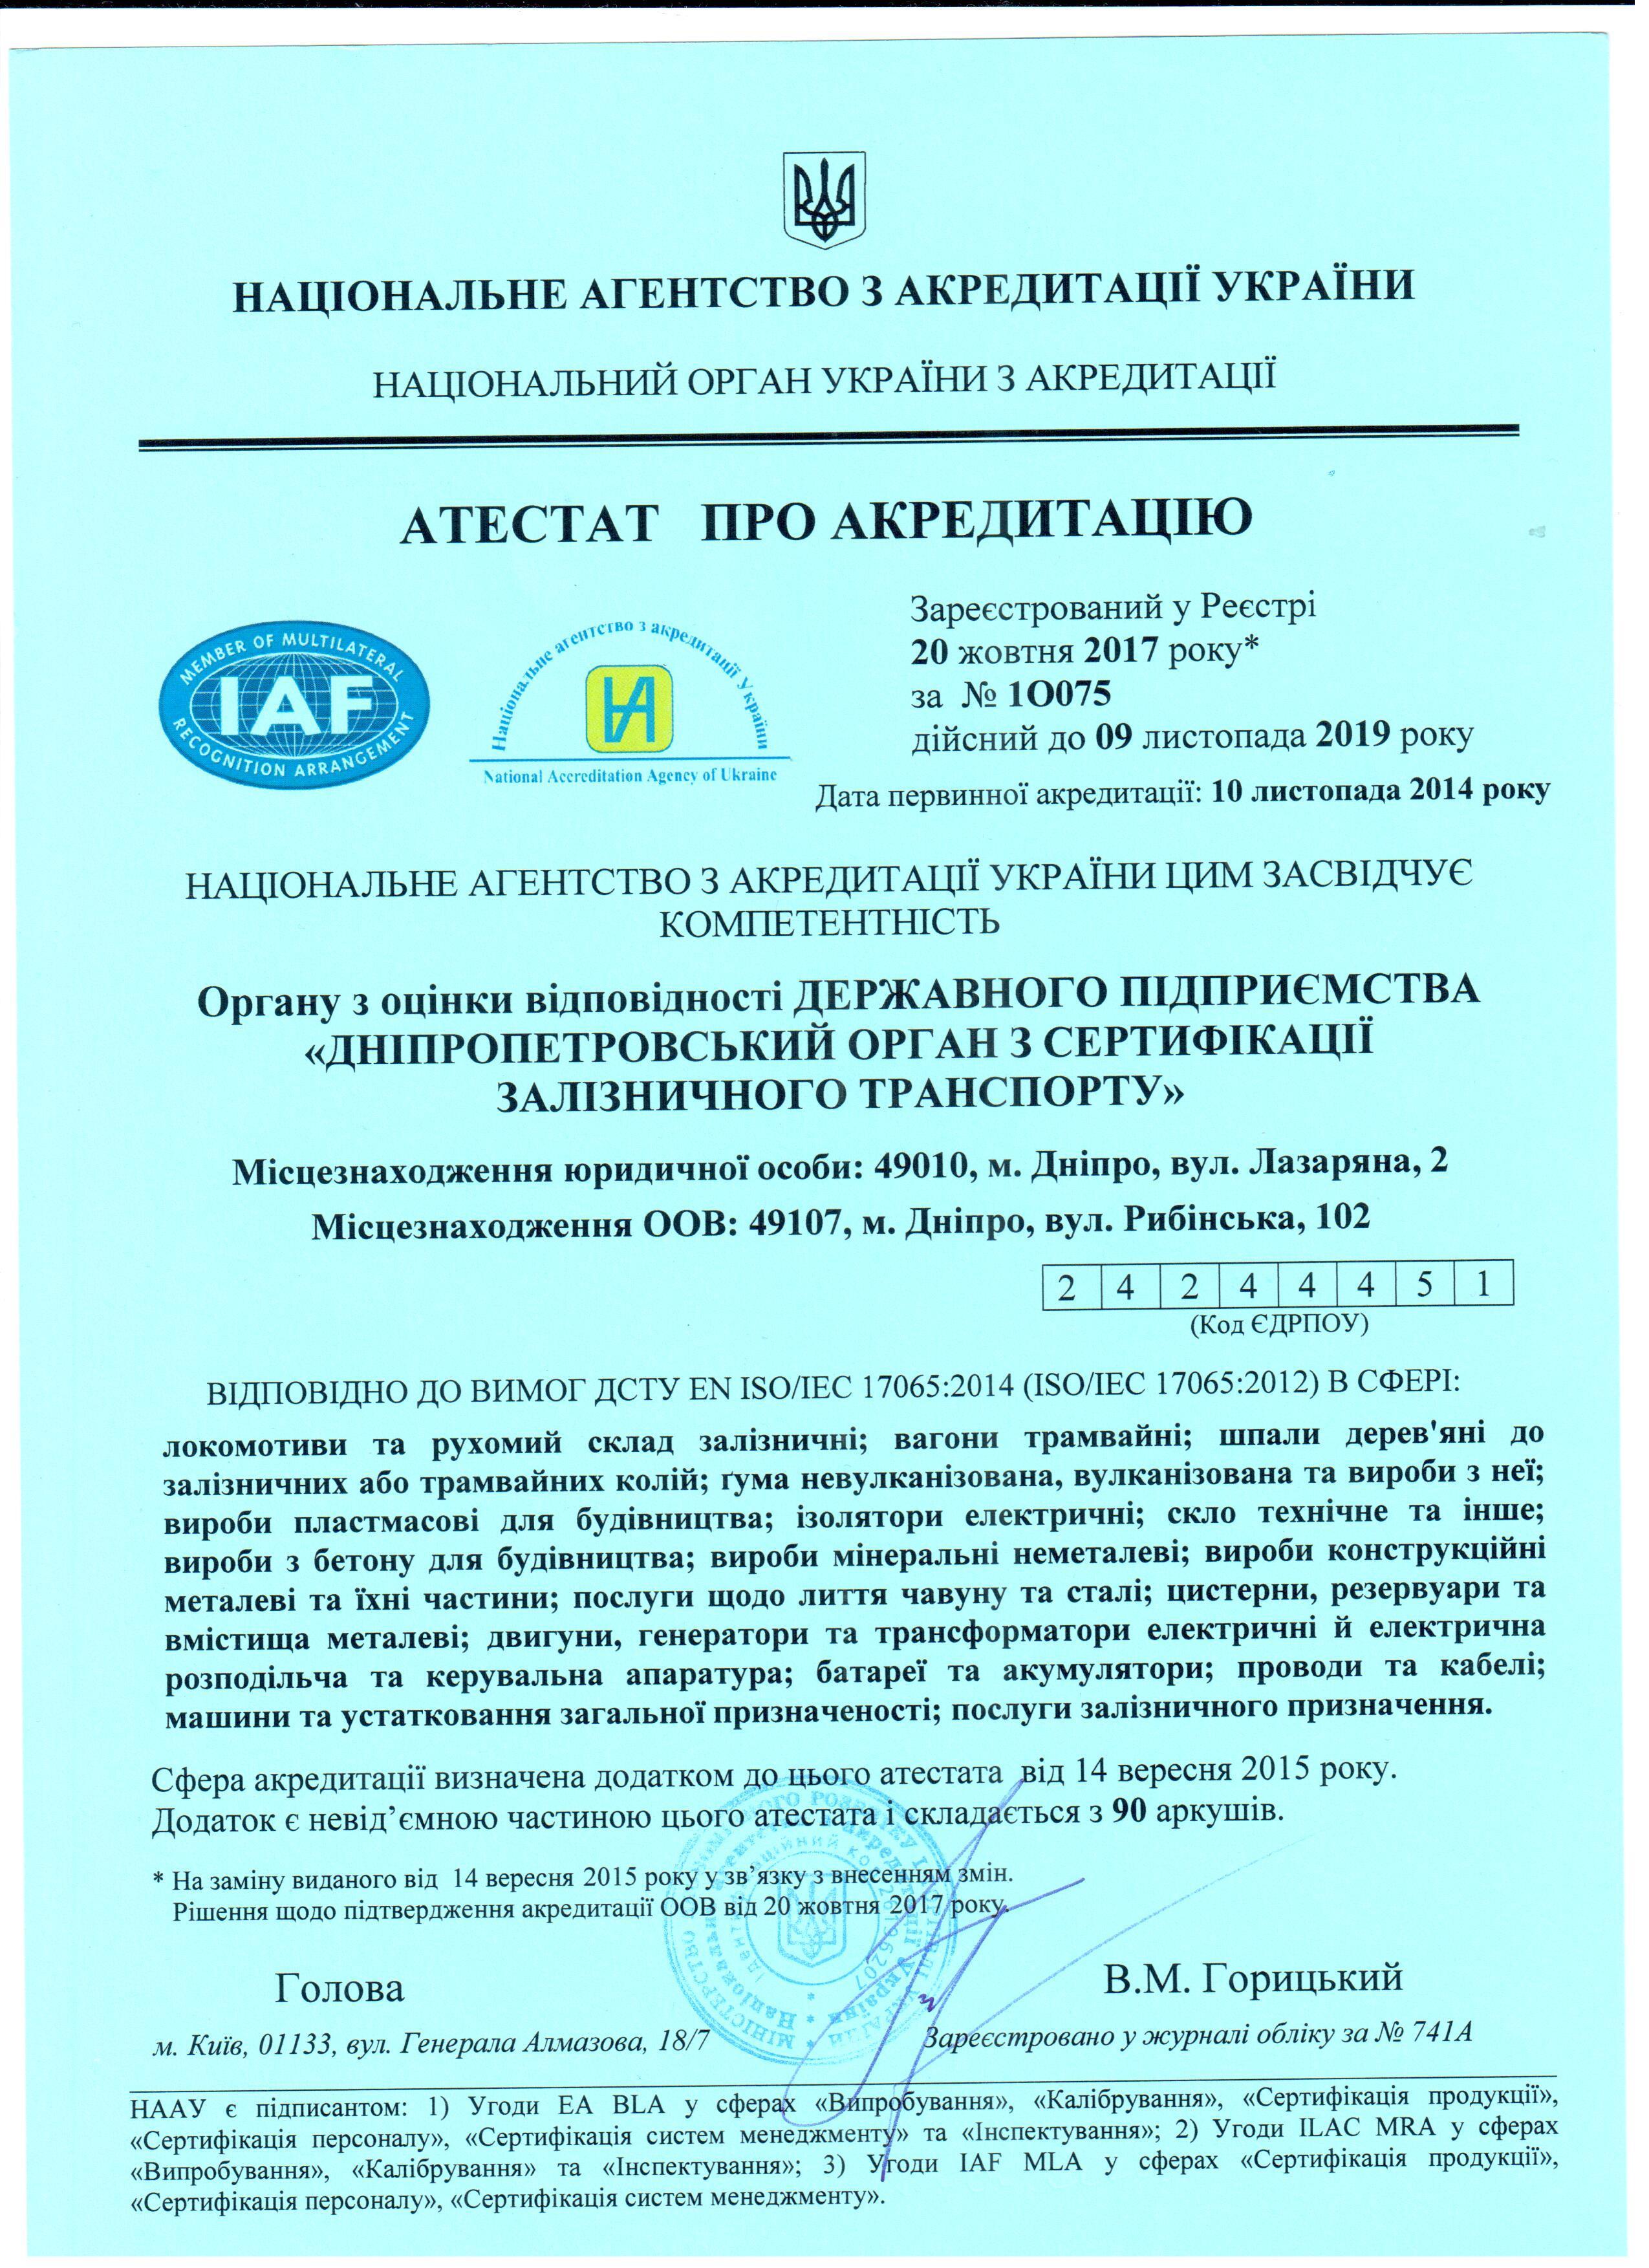 Сертификация лабораторий в днепропетровске сертификация услуг сисемы связи газпром